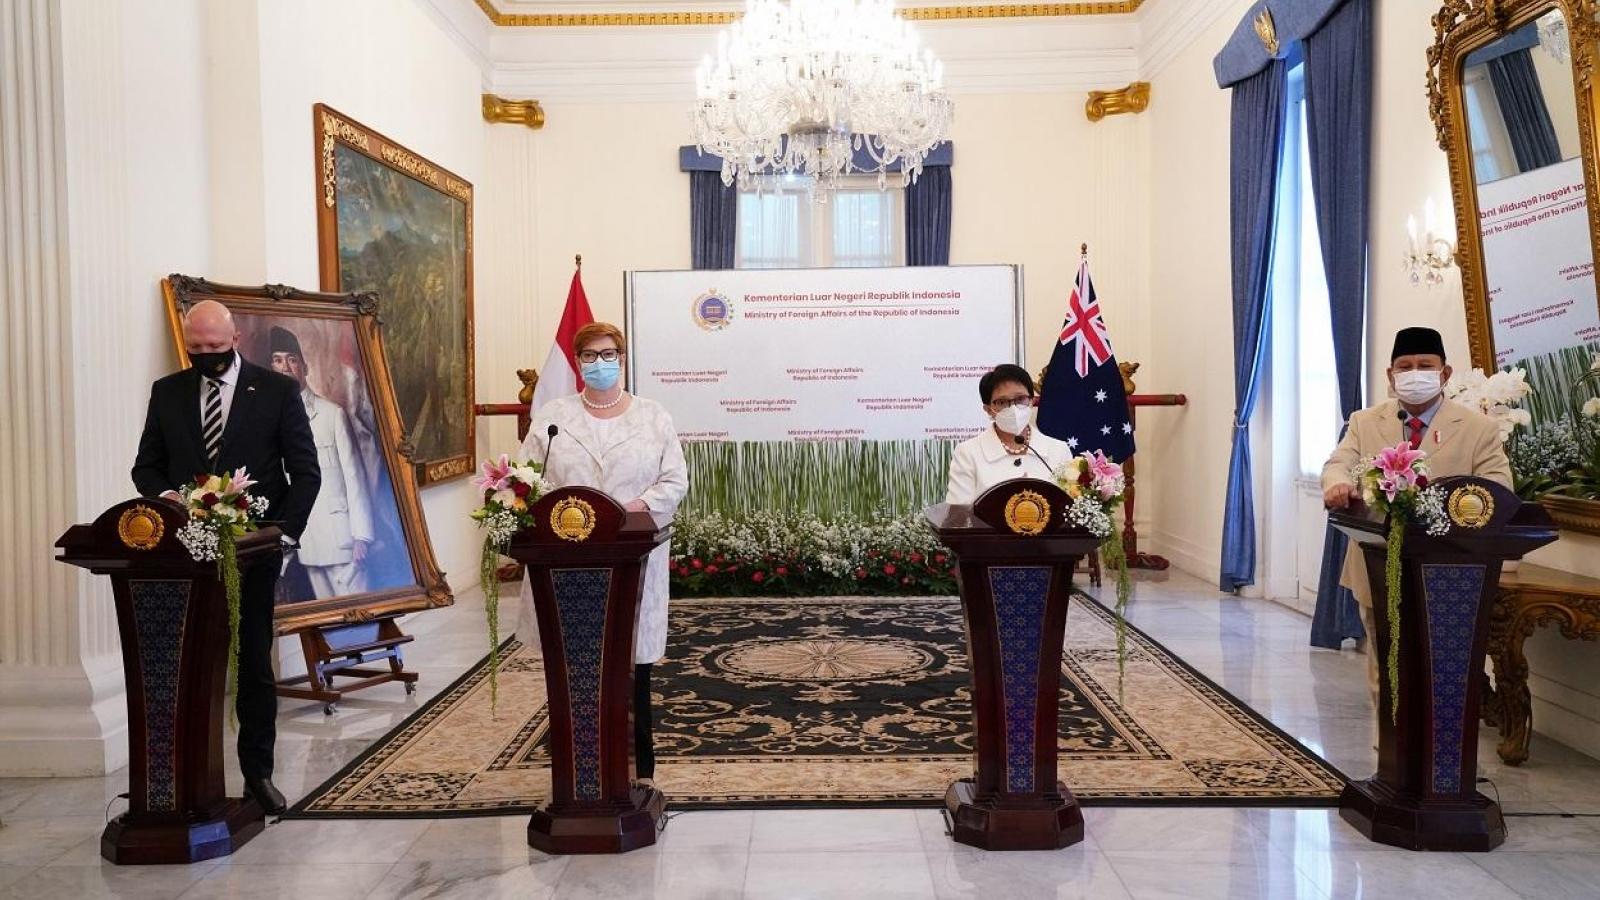 Indonesia và Australia tổ chức đối thoại 2+2, ký kết các thỏa thuận mới